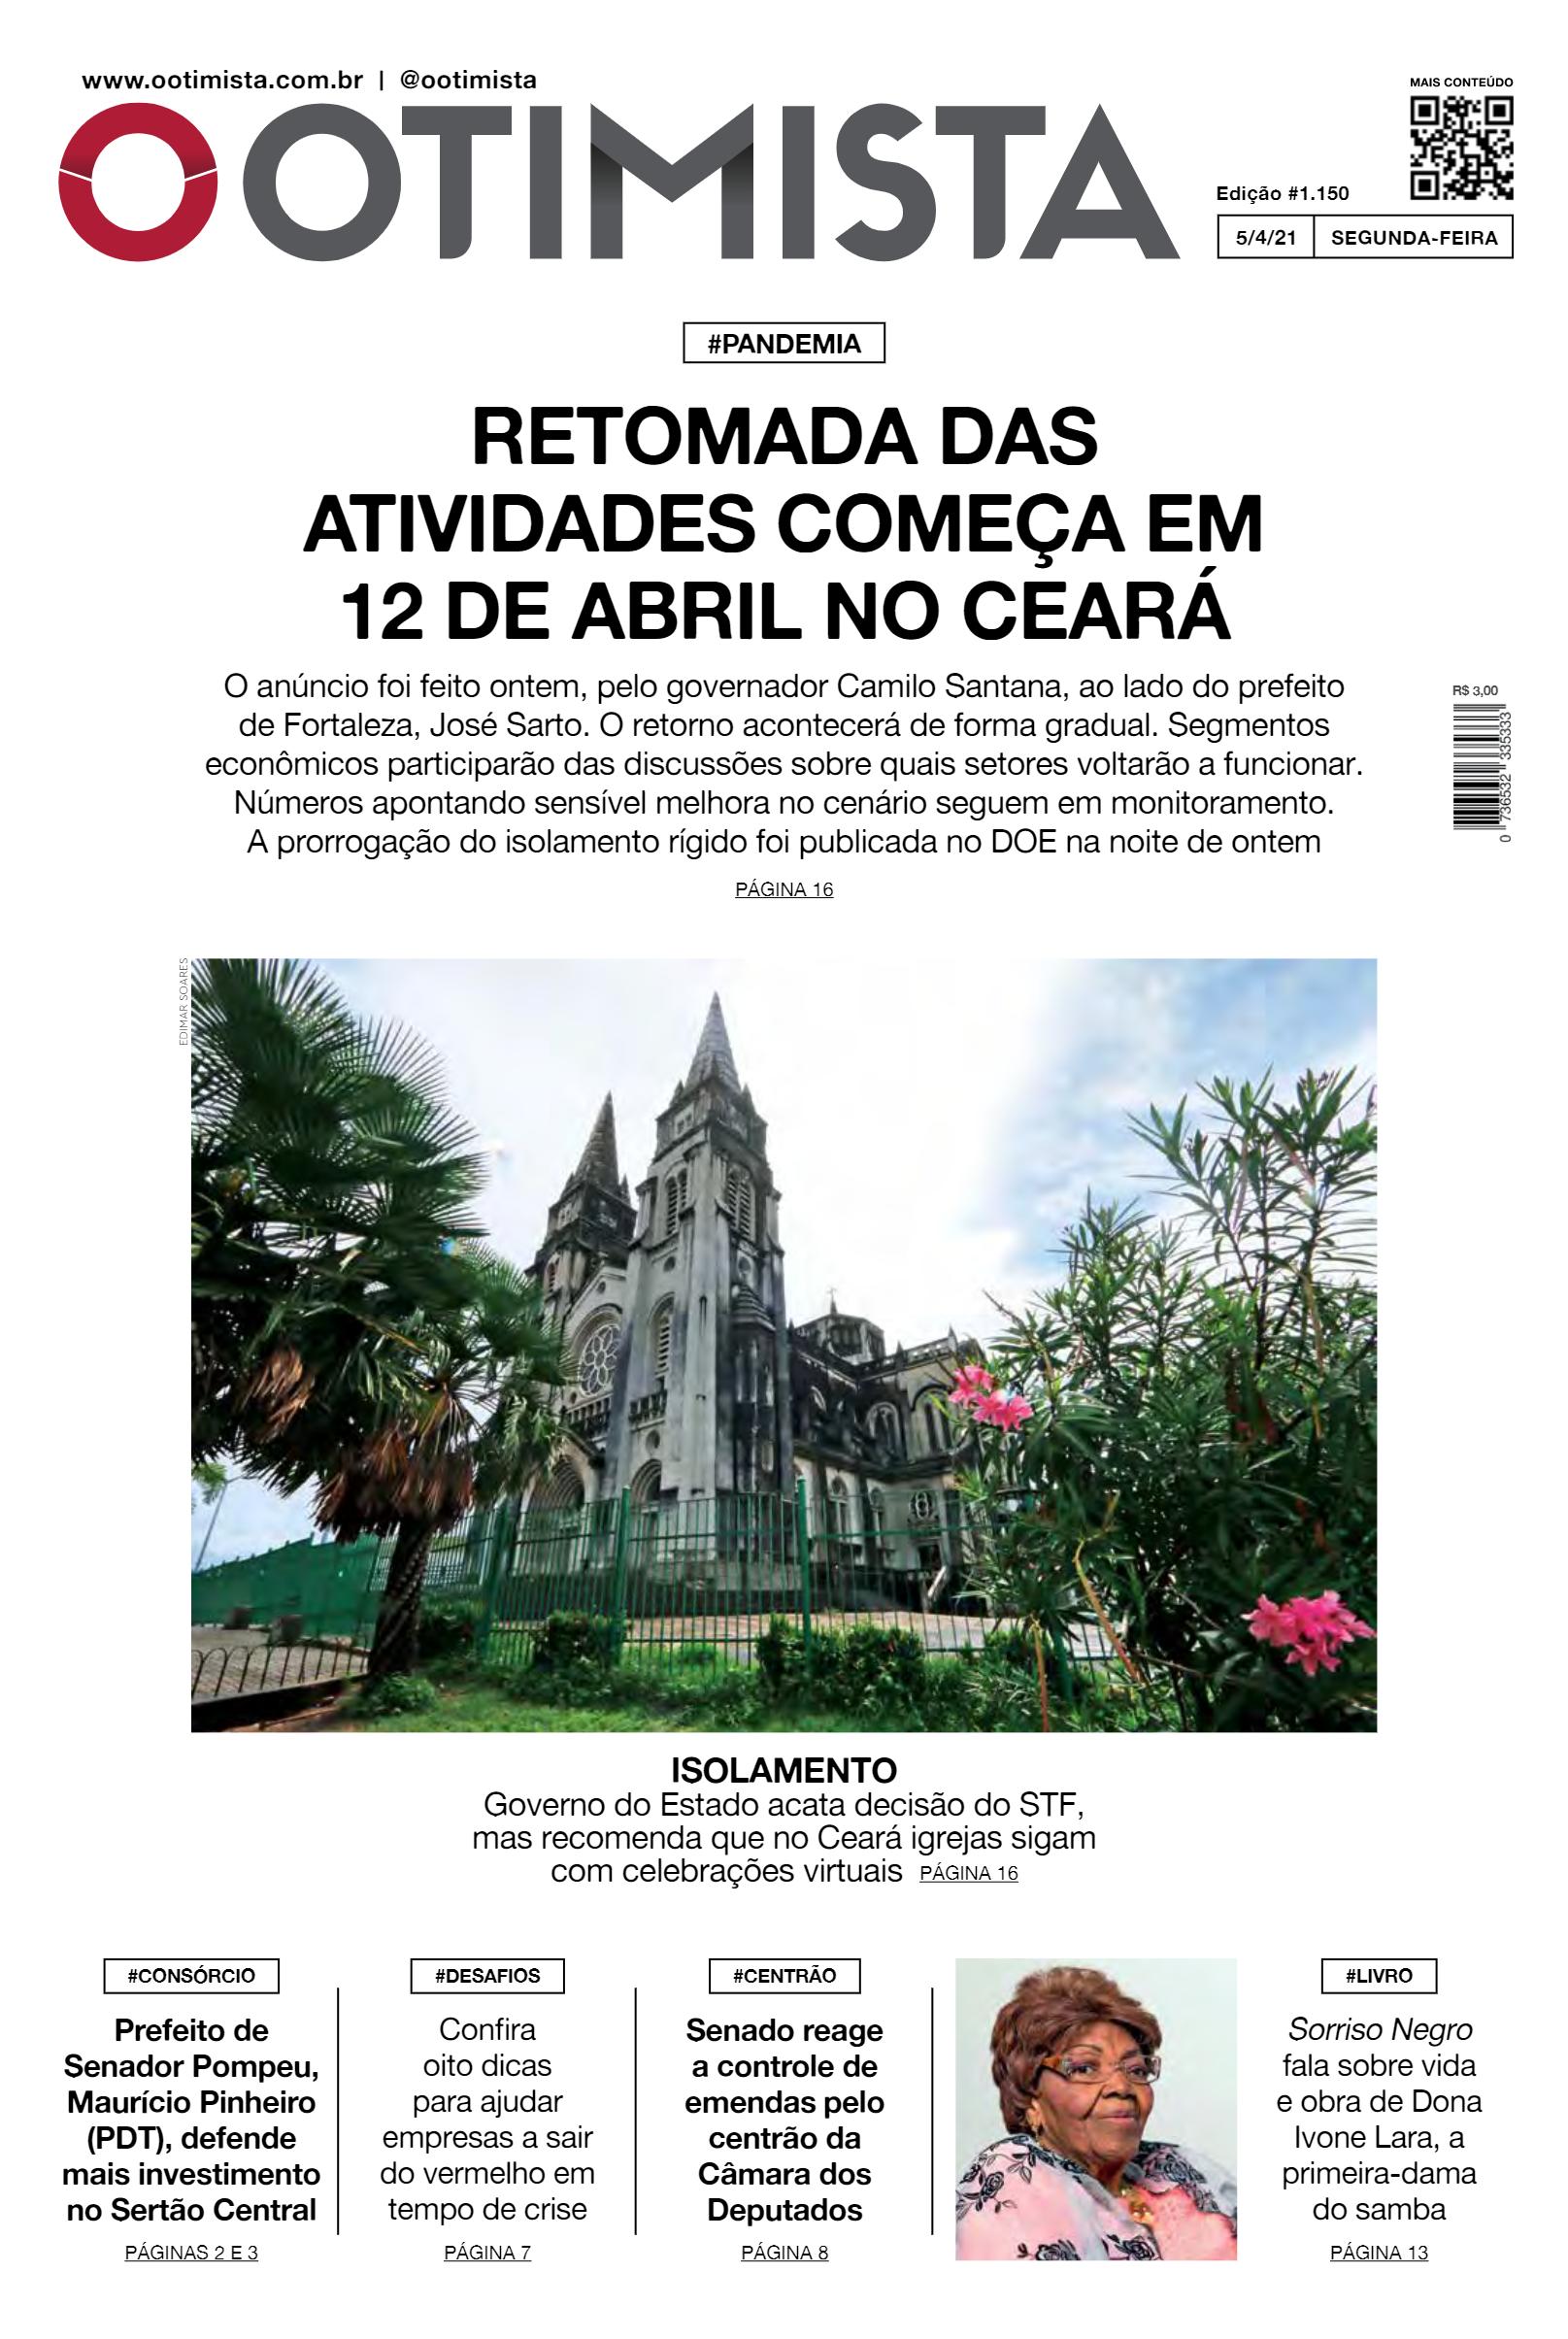 O Otimista - edição impressa de 5/4/2021